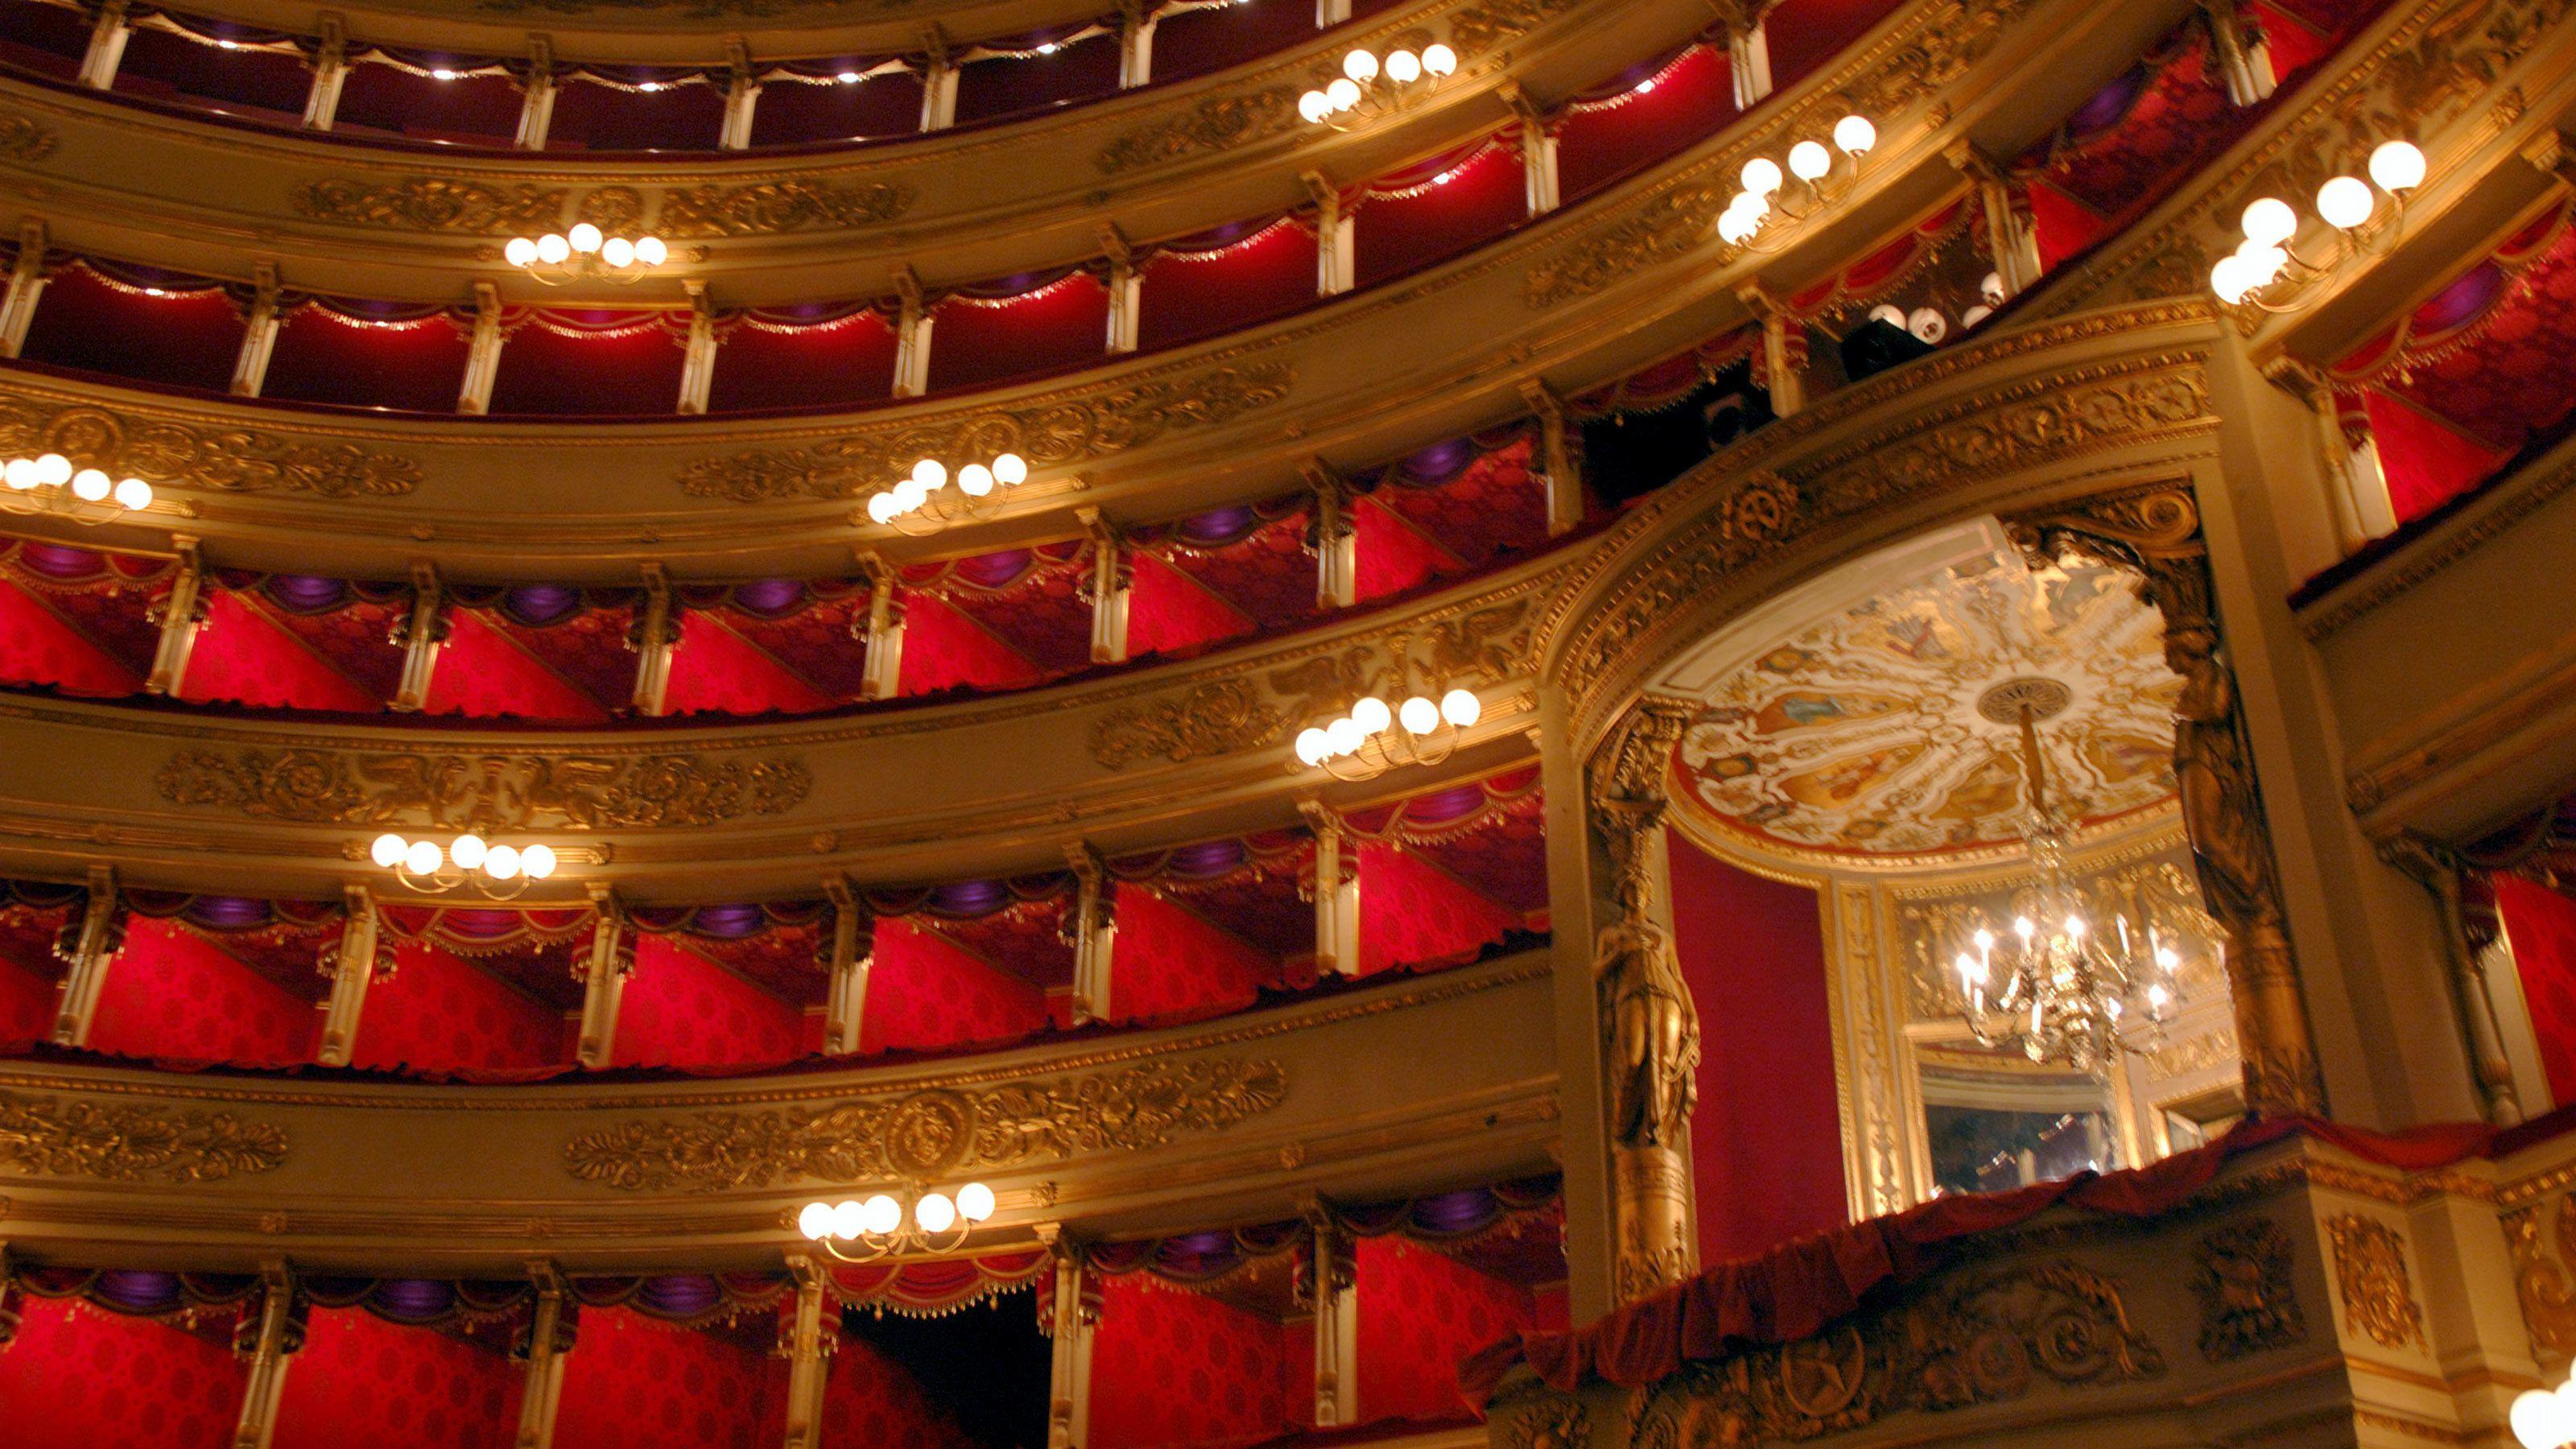 Rundgang durch das Teatro alla Scala und das Scala-Museum